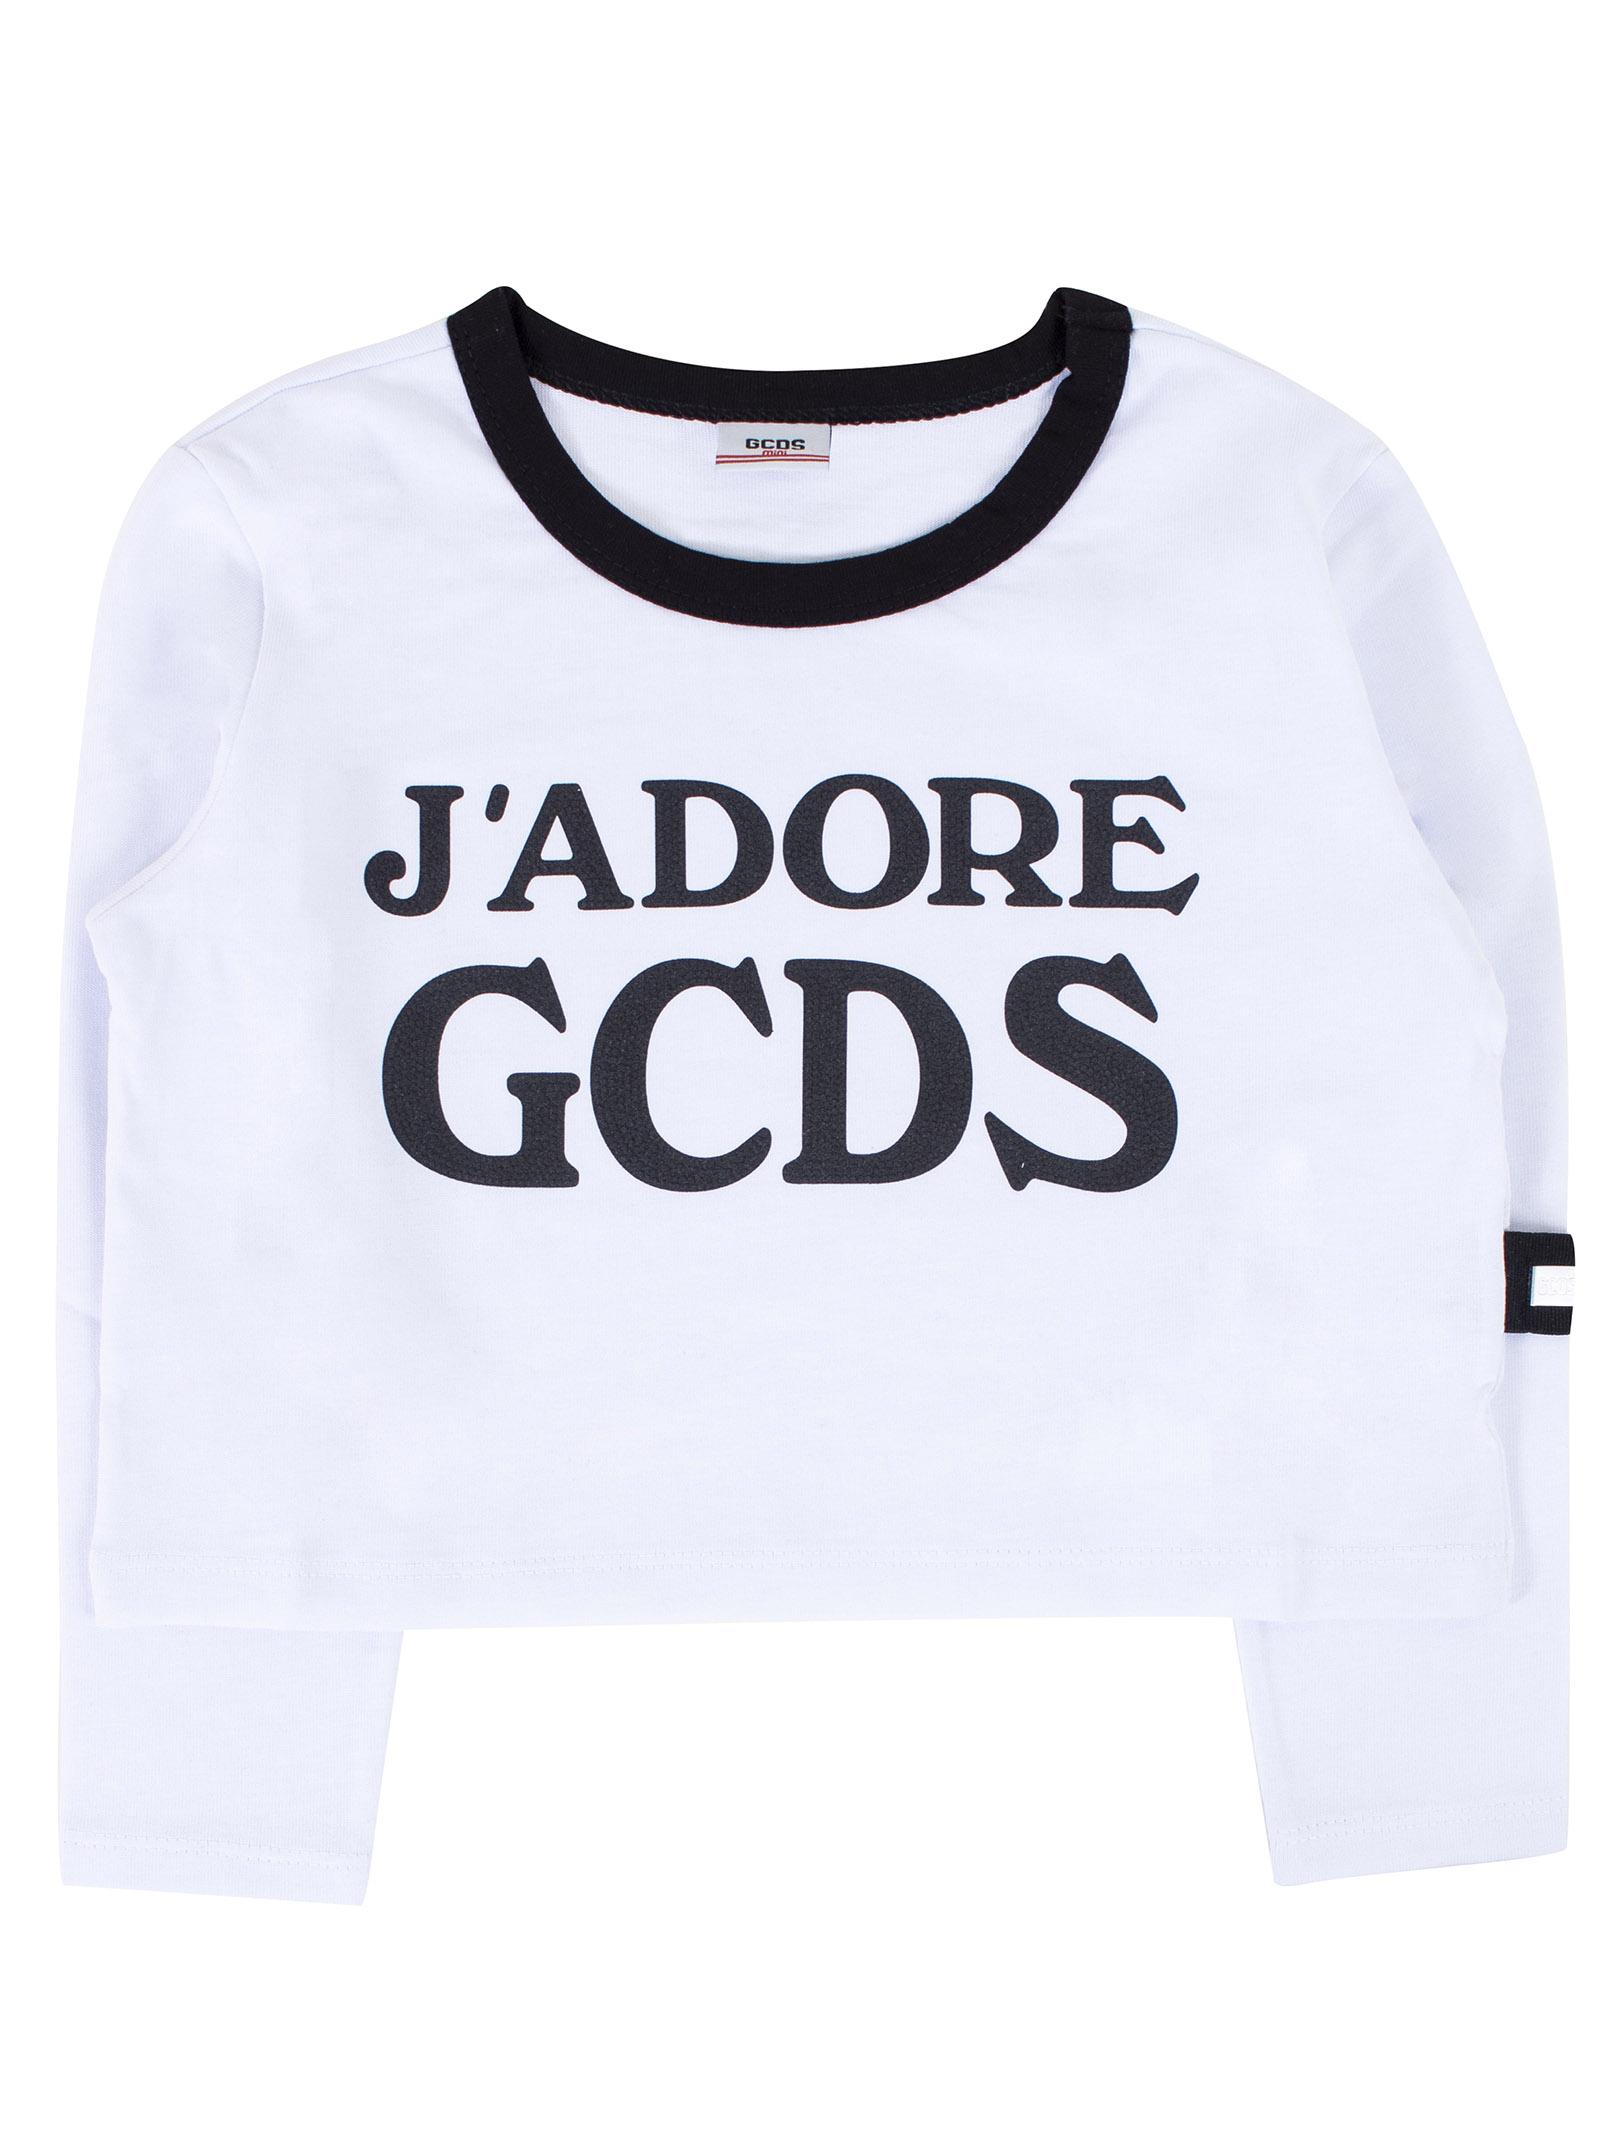 a4d58e82a322 HOME / CATEGORIES / CLOTHING / T-SHIRT / GIRL PRINT T-SHIRT